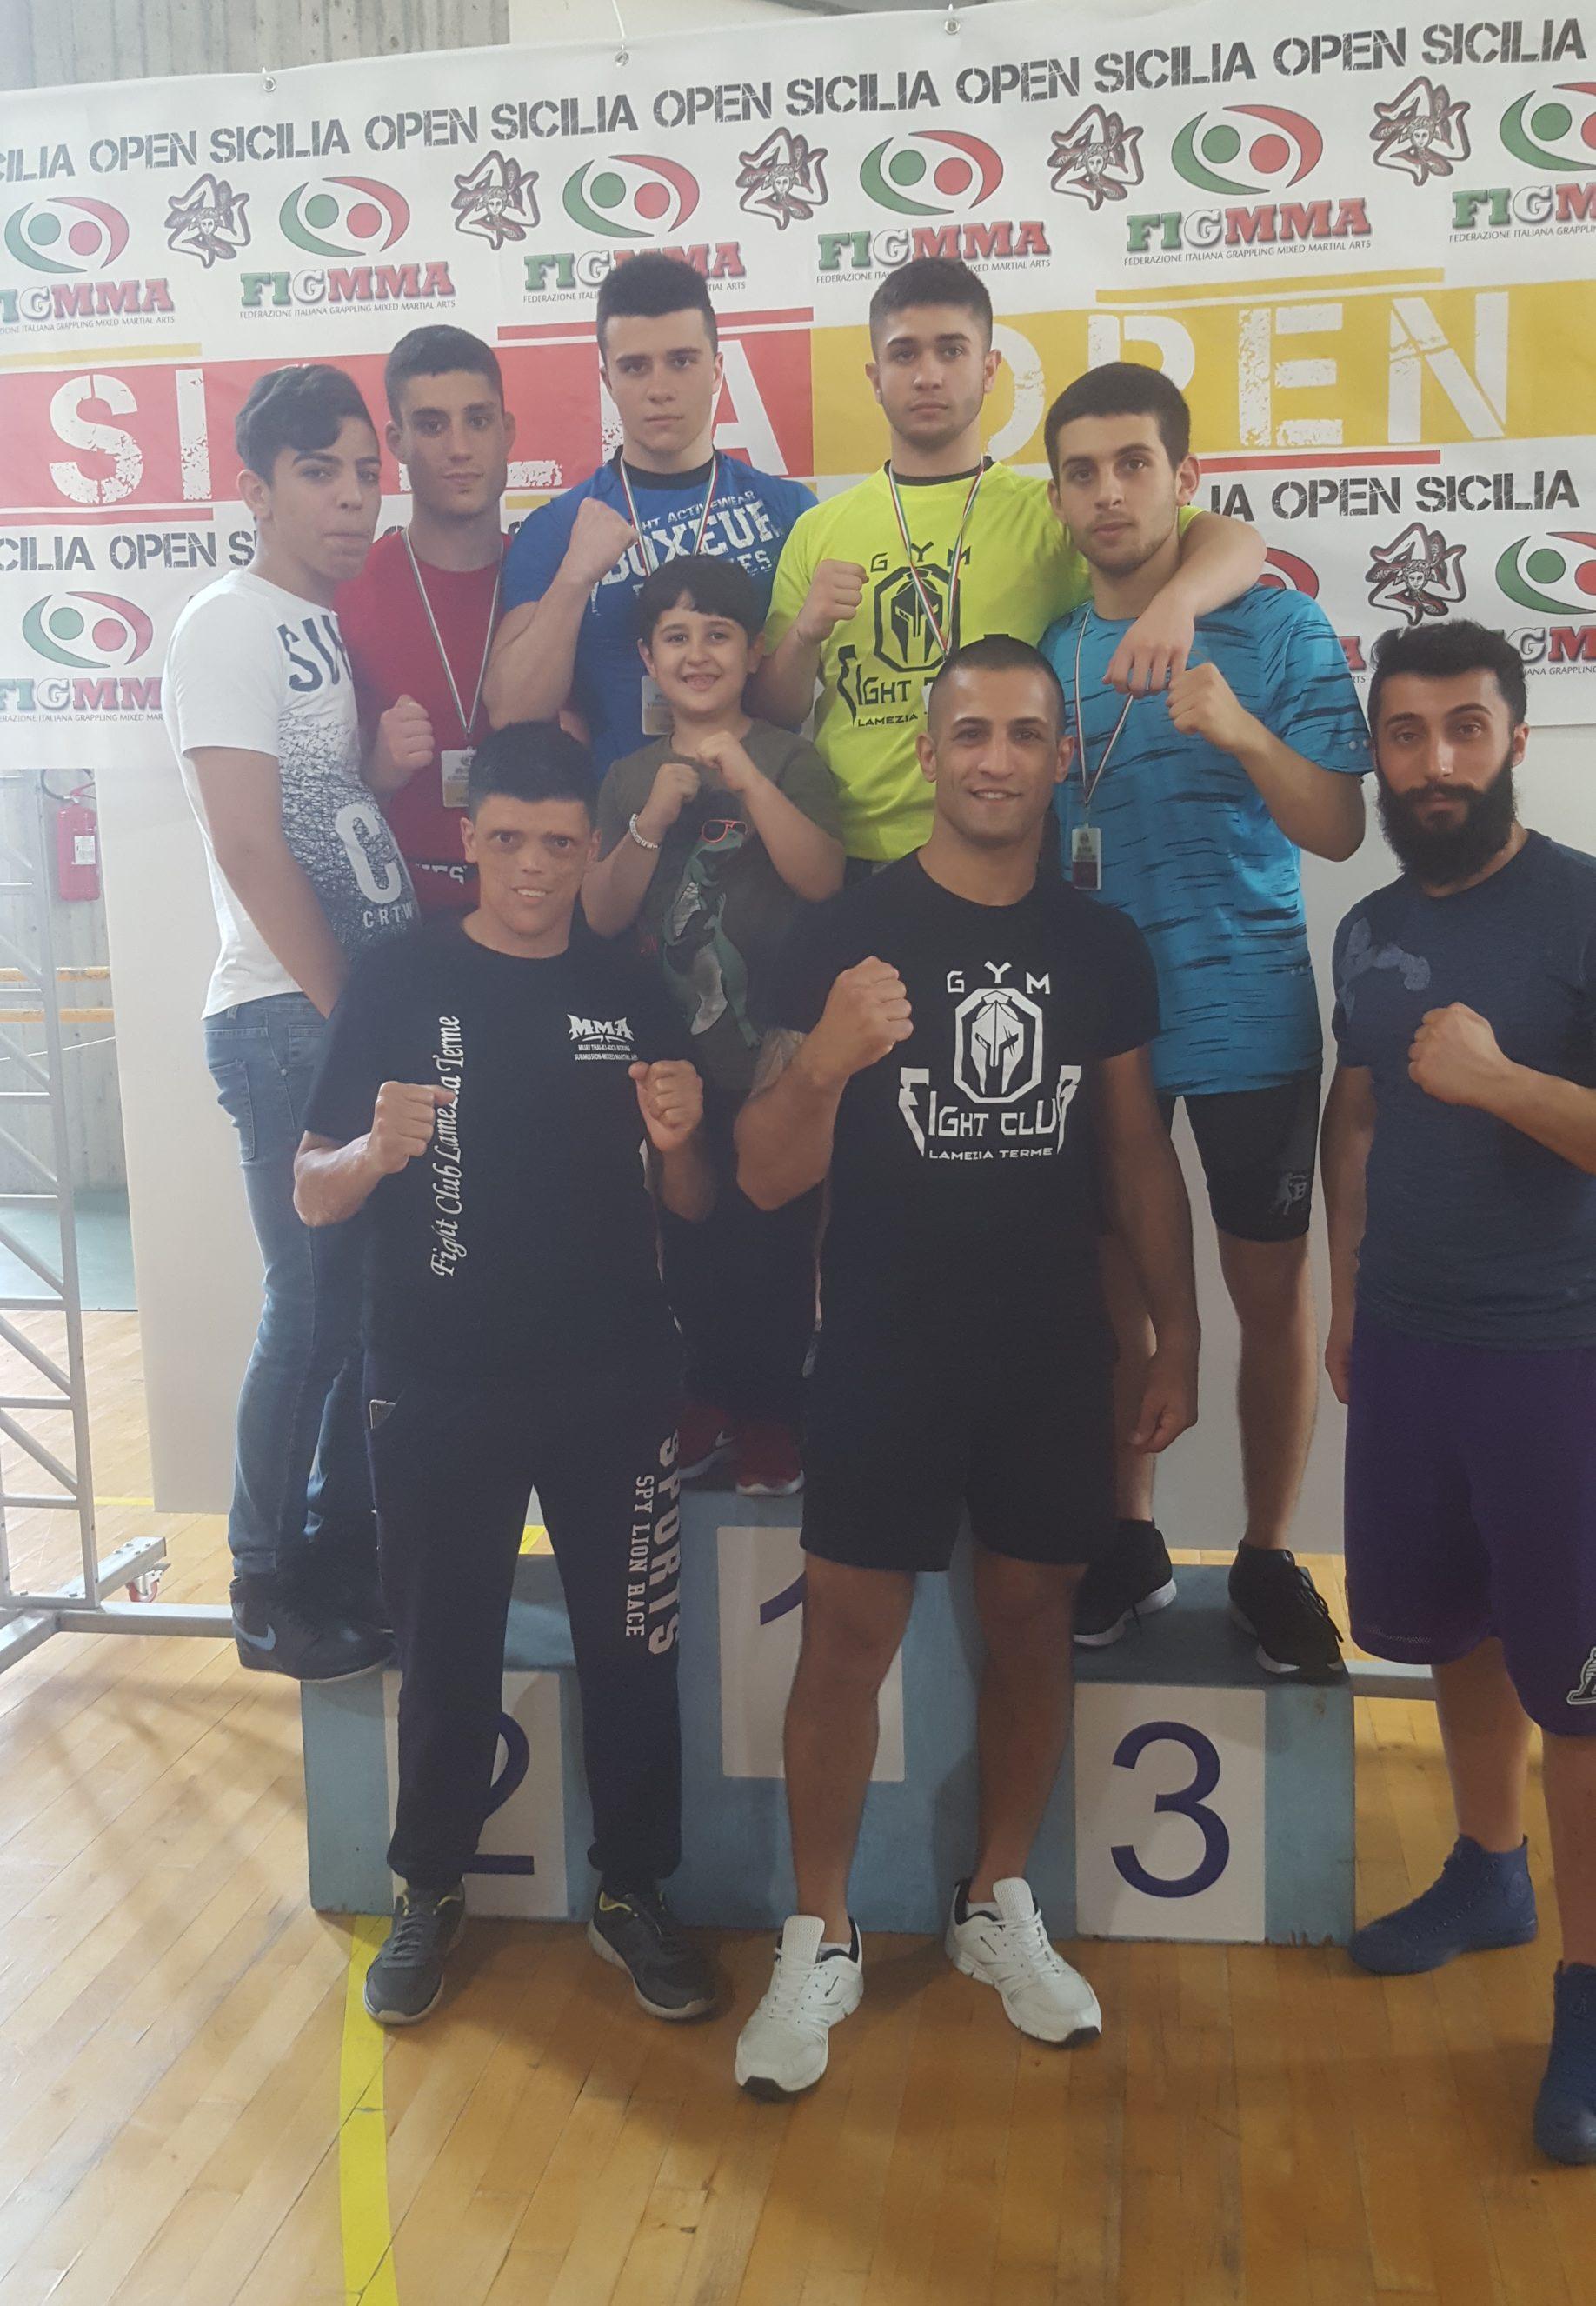 3 ori e un bronzo per fight club lamezia-LameziaTermeit